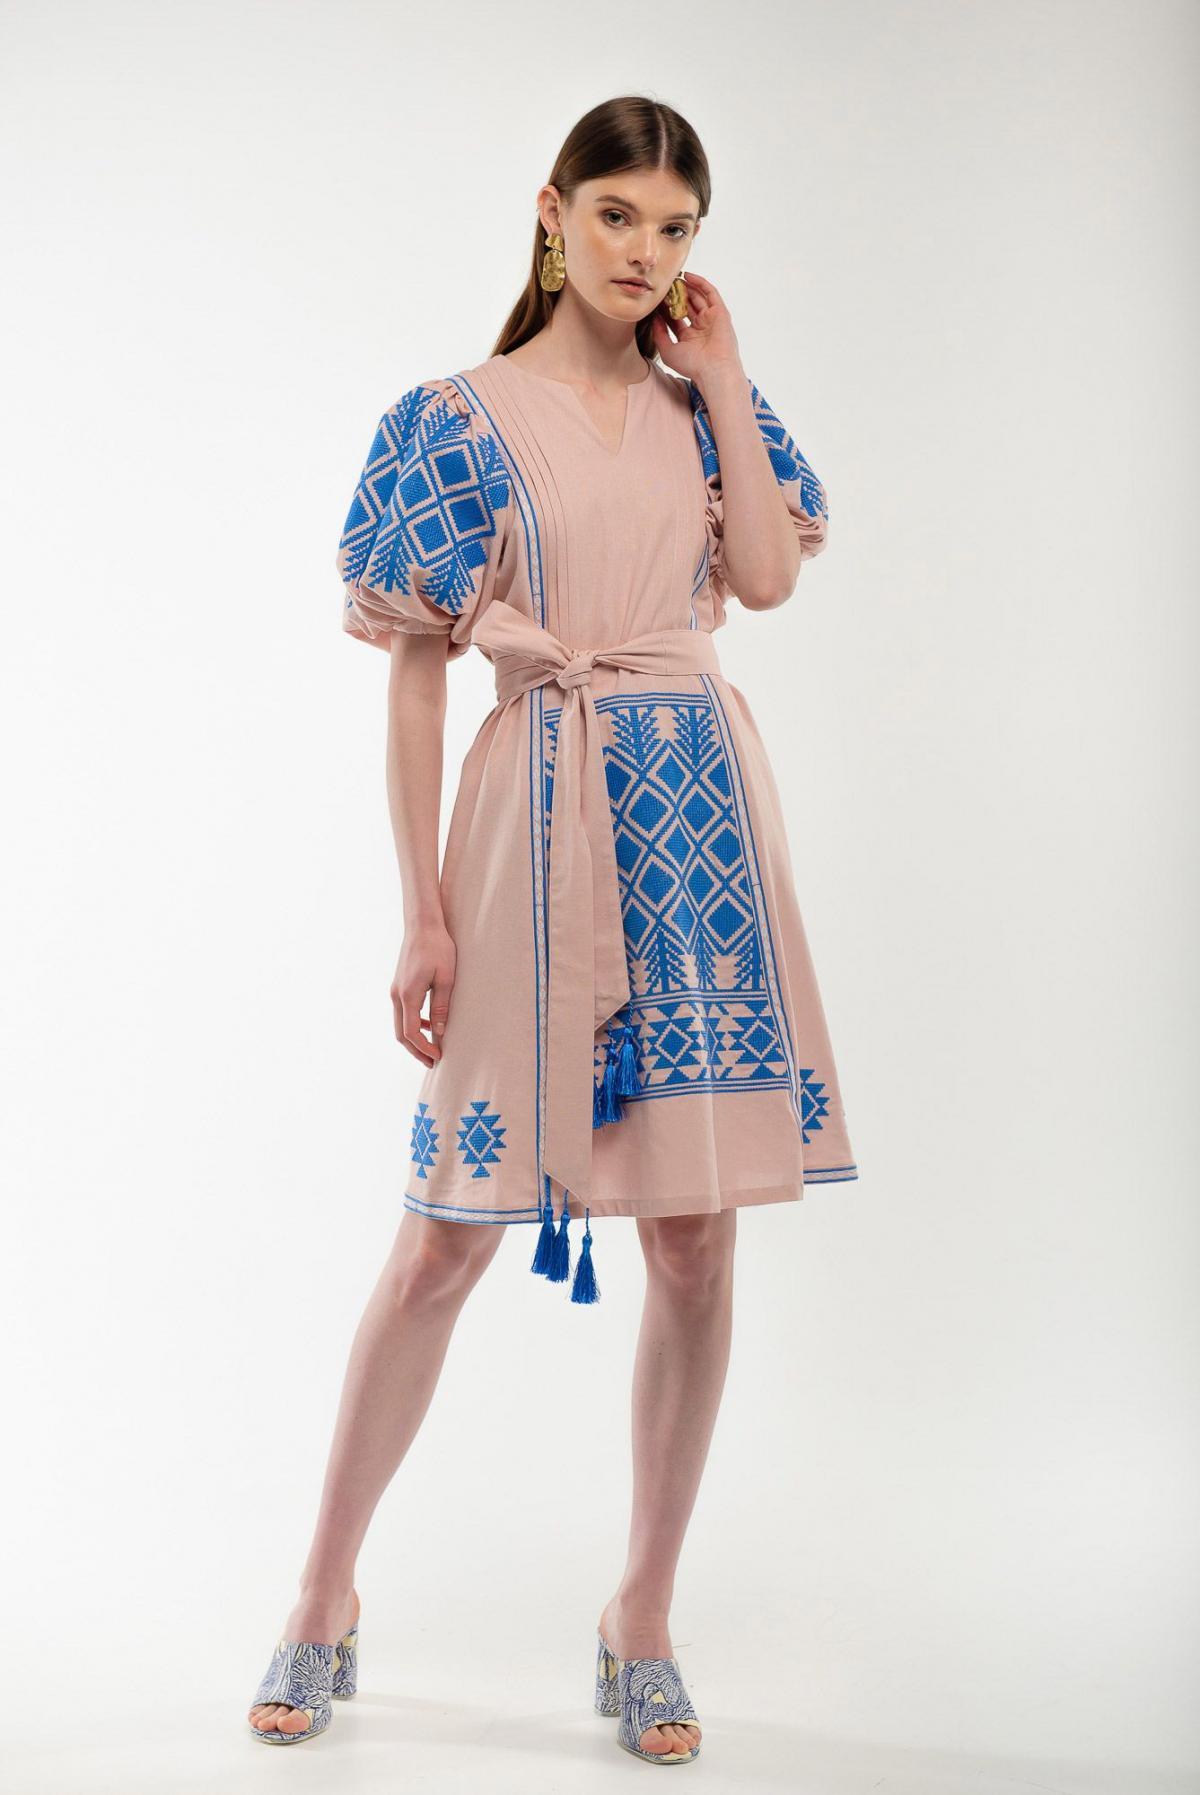 Платье вышиванка Милося пудра. Фото №2. | Народный дом Украина